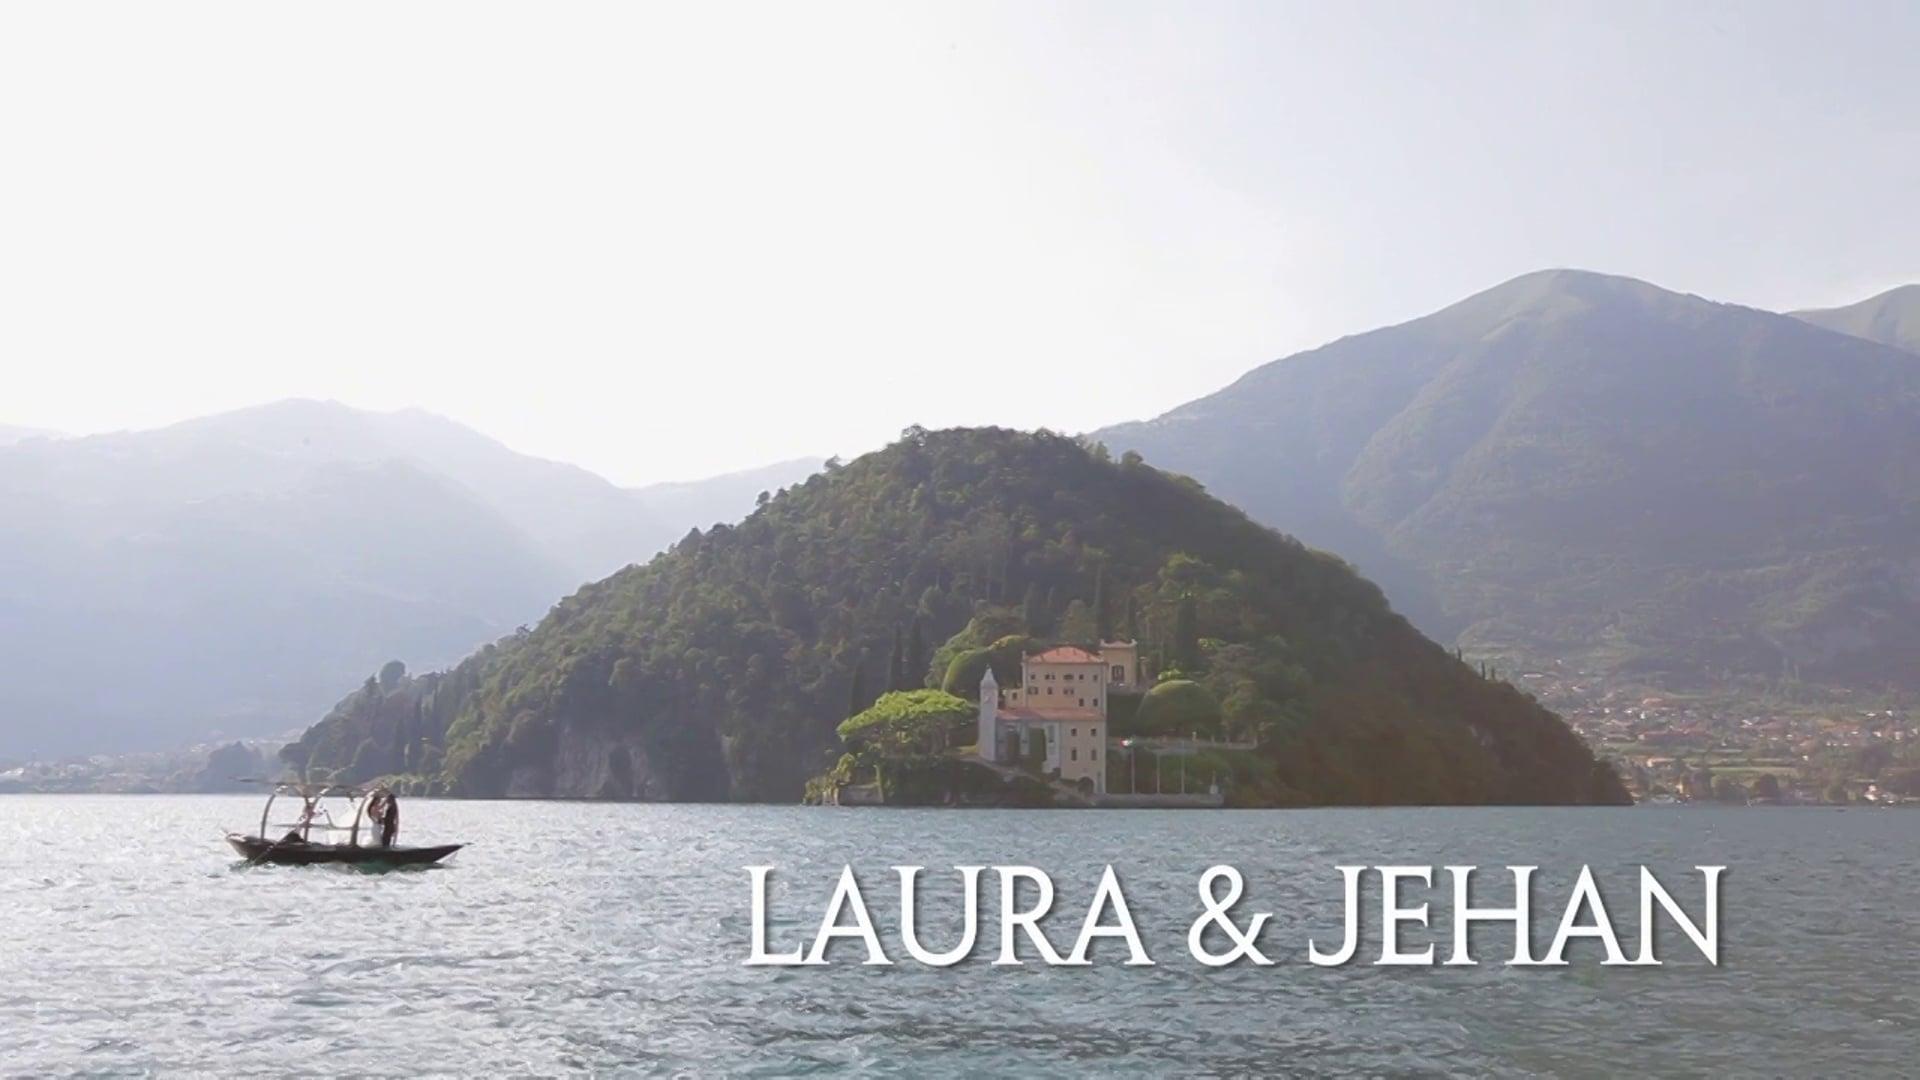 Laura & Jehan Teaser Trailer